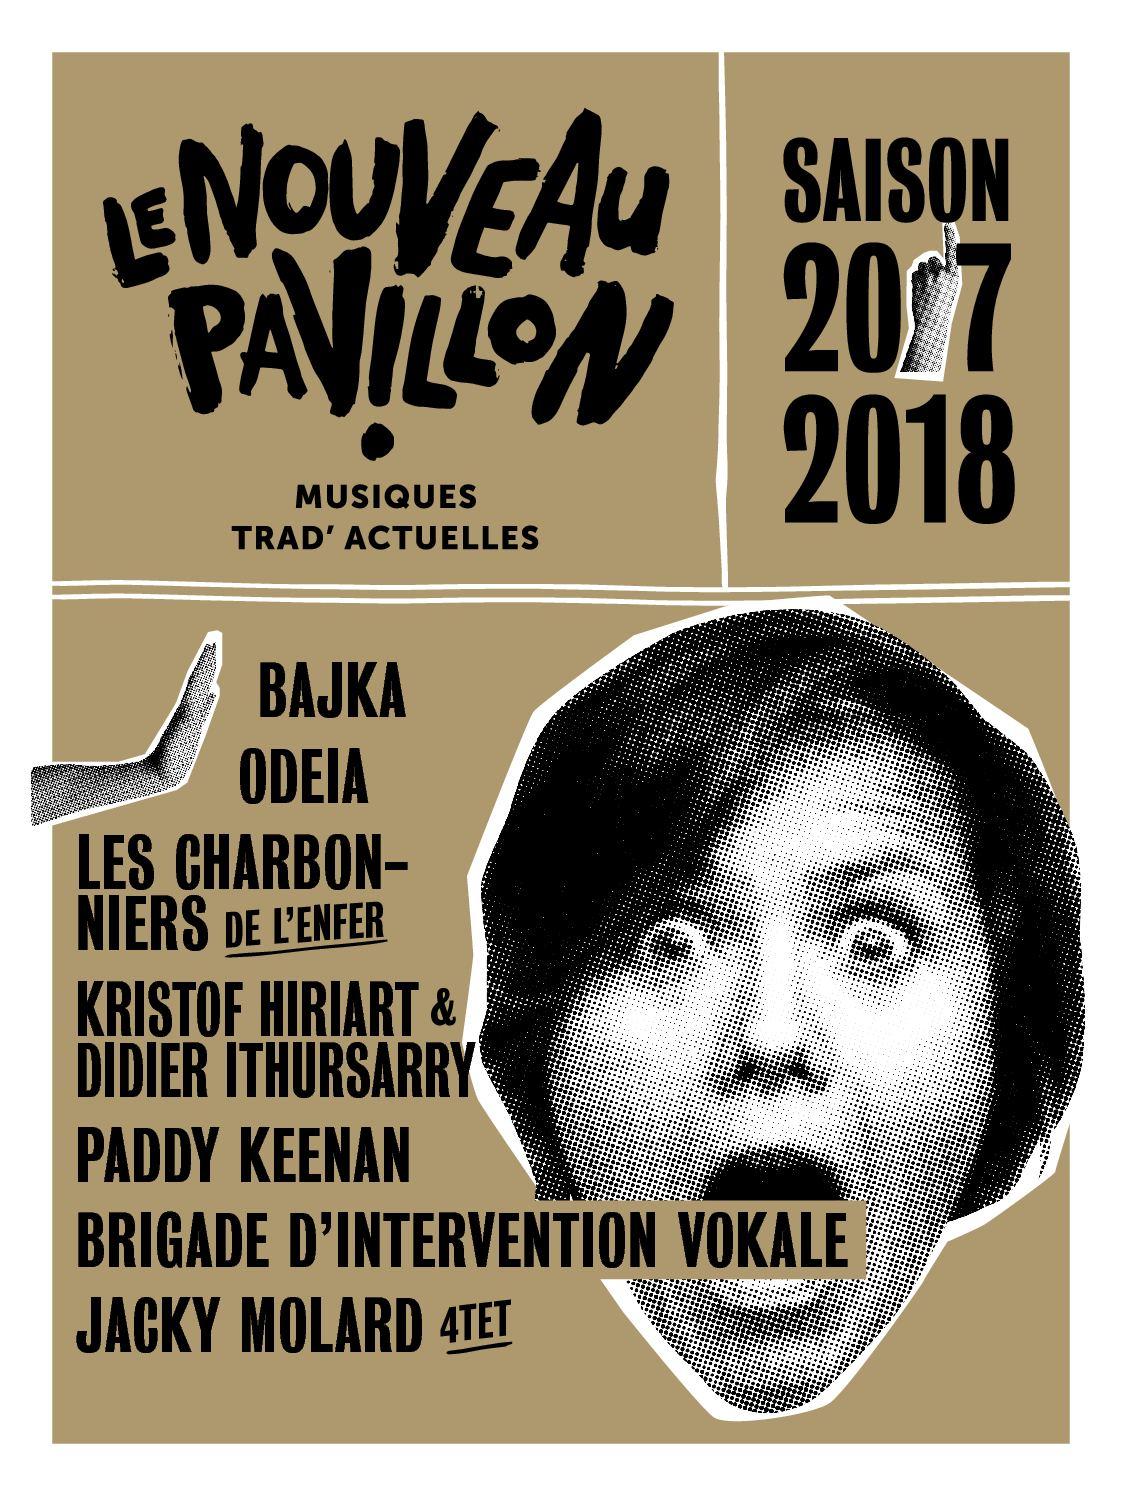 Le Nouveau Pavillon - saison 2017 / 2018